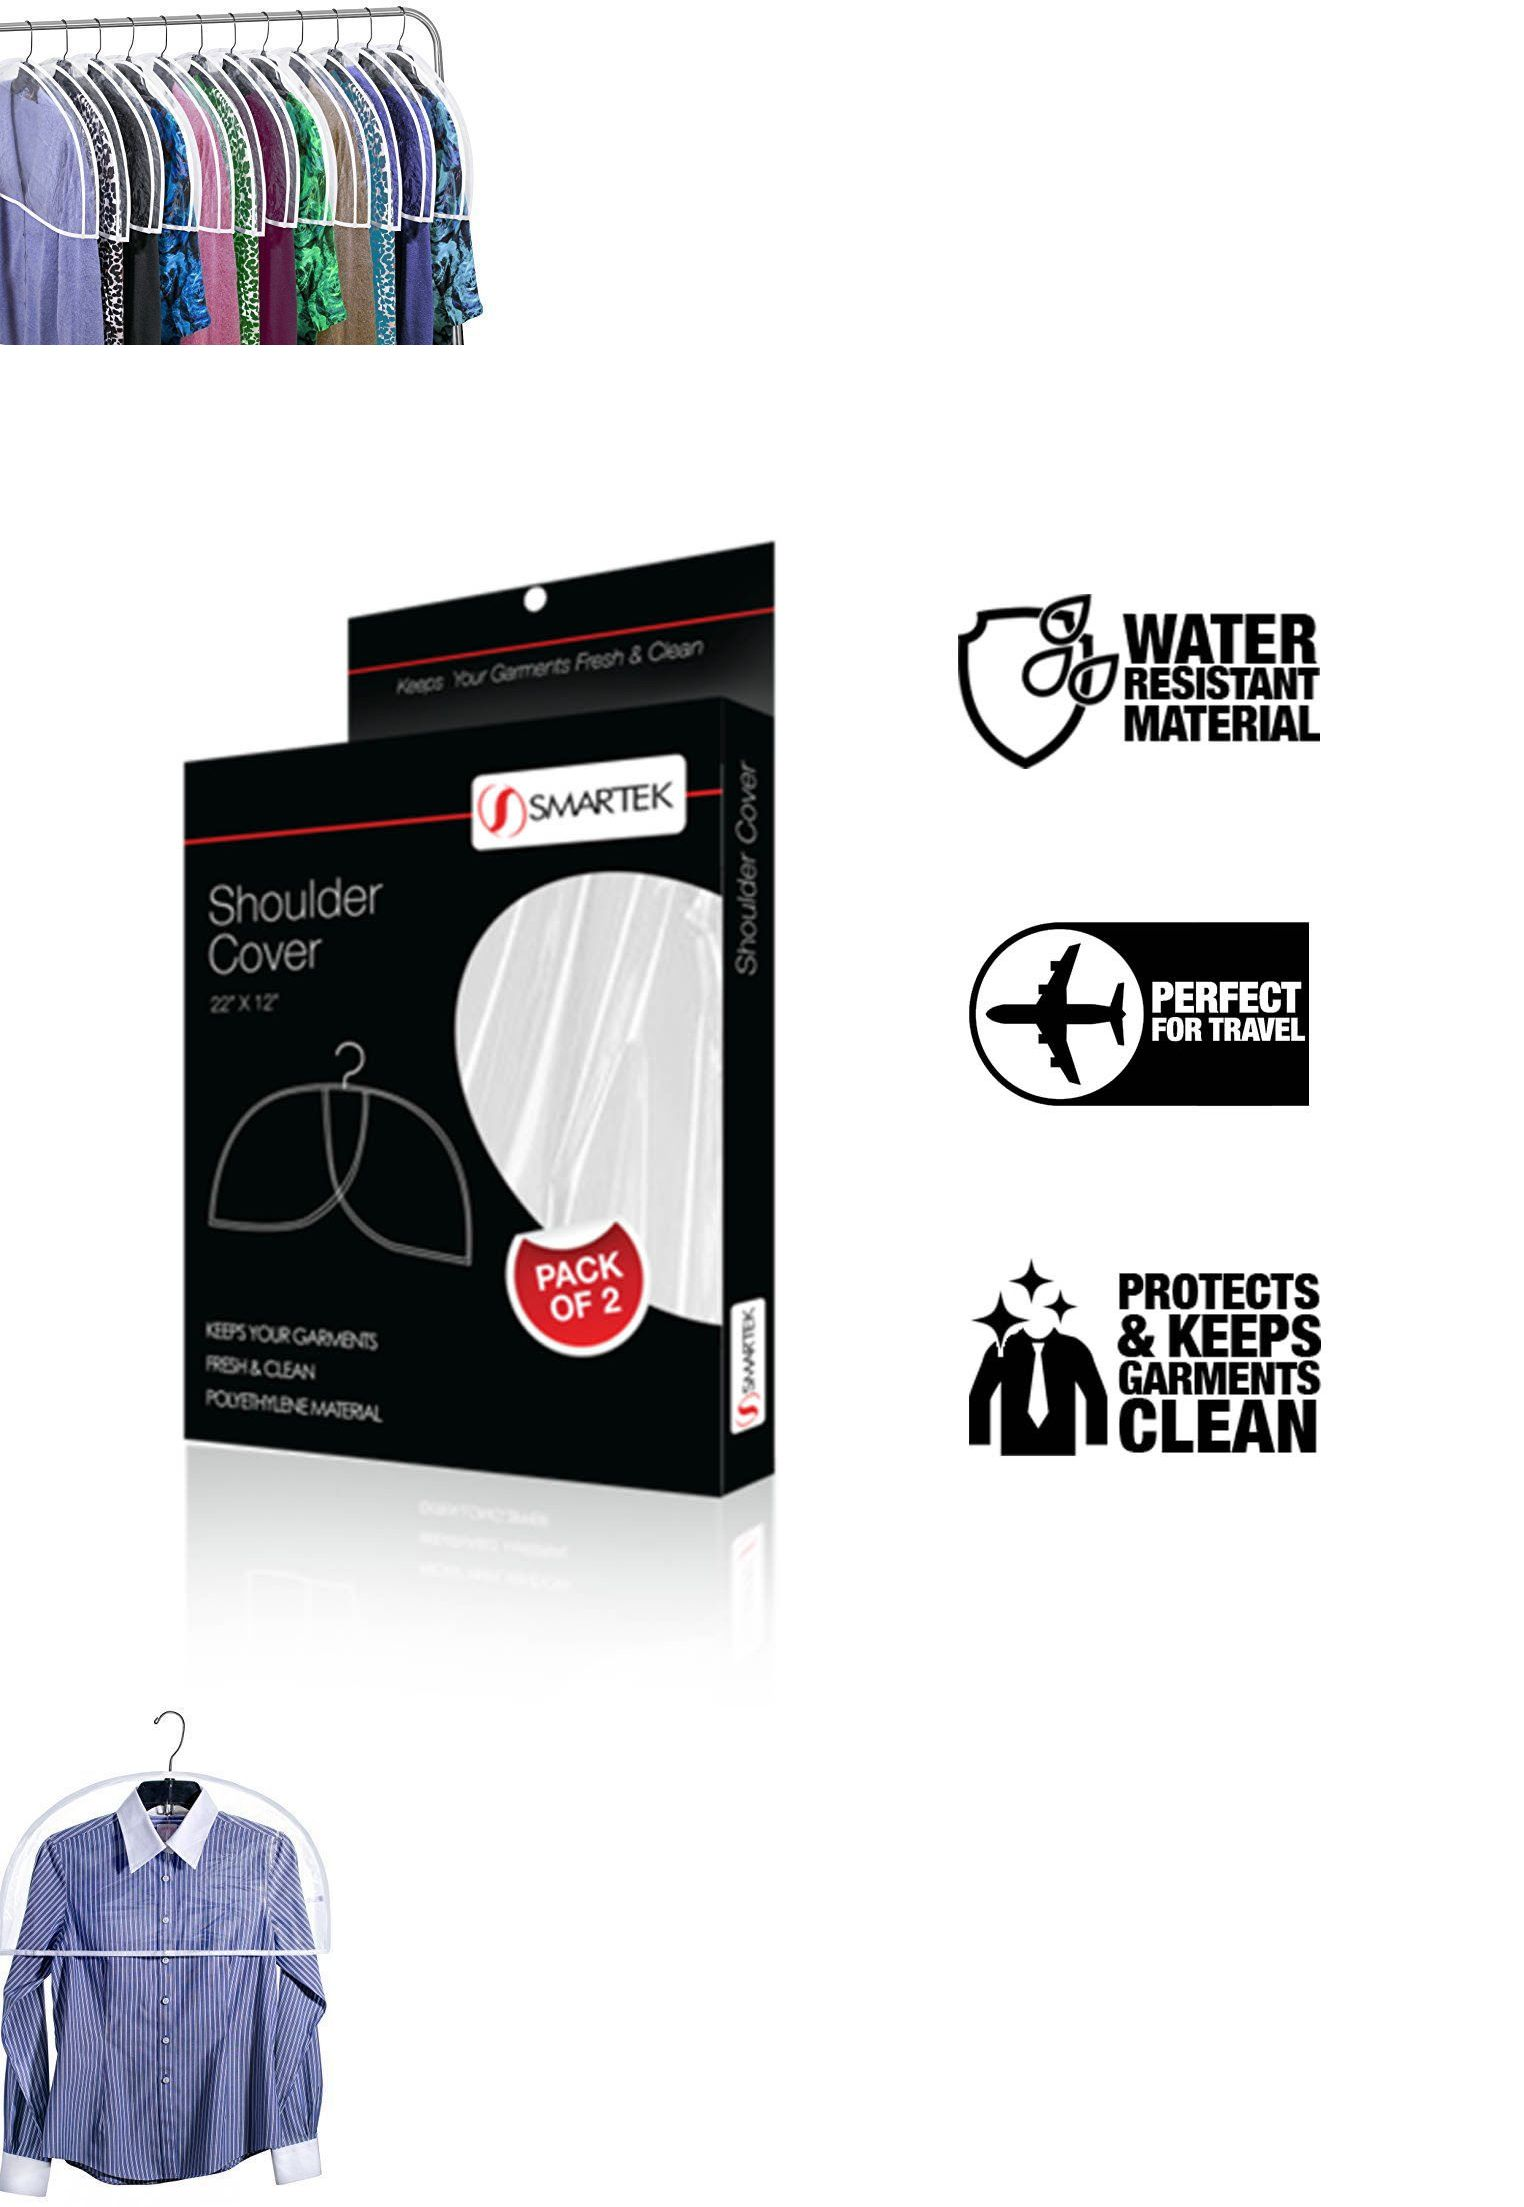 Clothes Hangers 116743 Garment Shoulder Dust Covers 12 Pack Vinyl Suit Clothes Hanger Protector Bags Buy It Clothes Hanger Dust Cover Bags For Sale Online